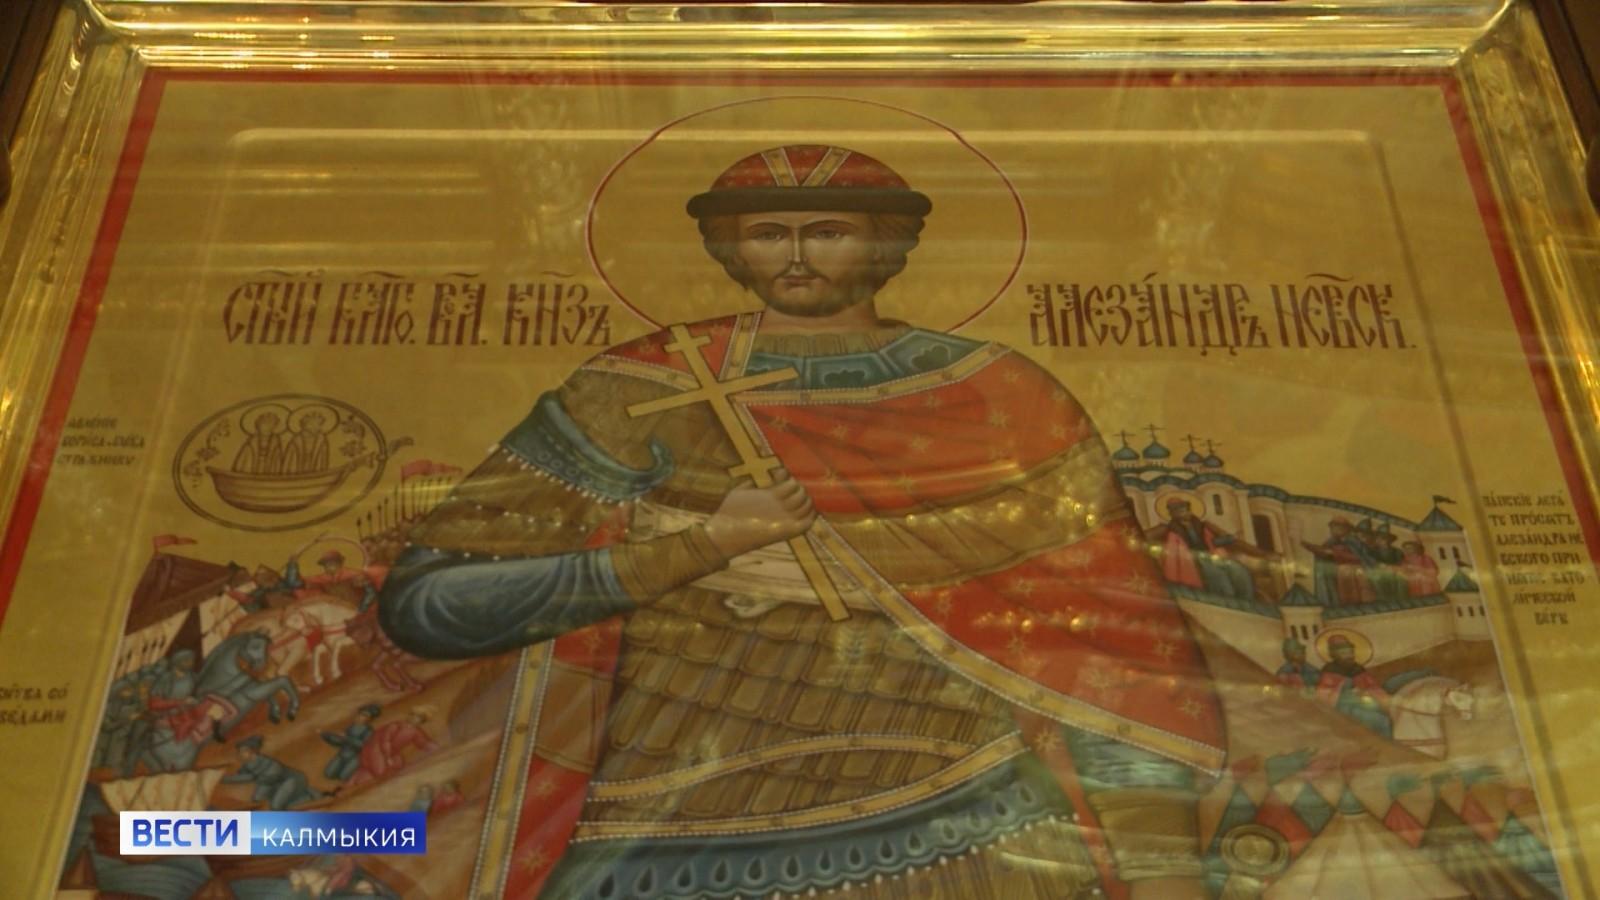 Сегодня состоялось освящение иконы Святого благоверного князя Александра Невского